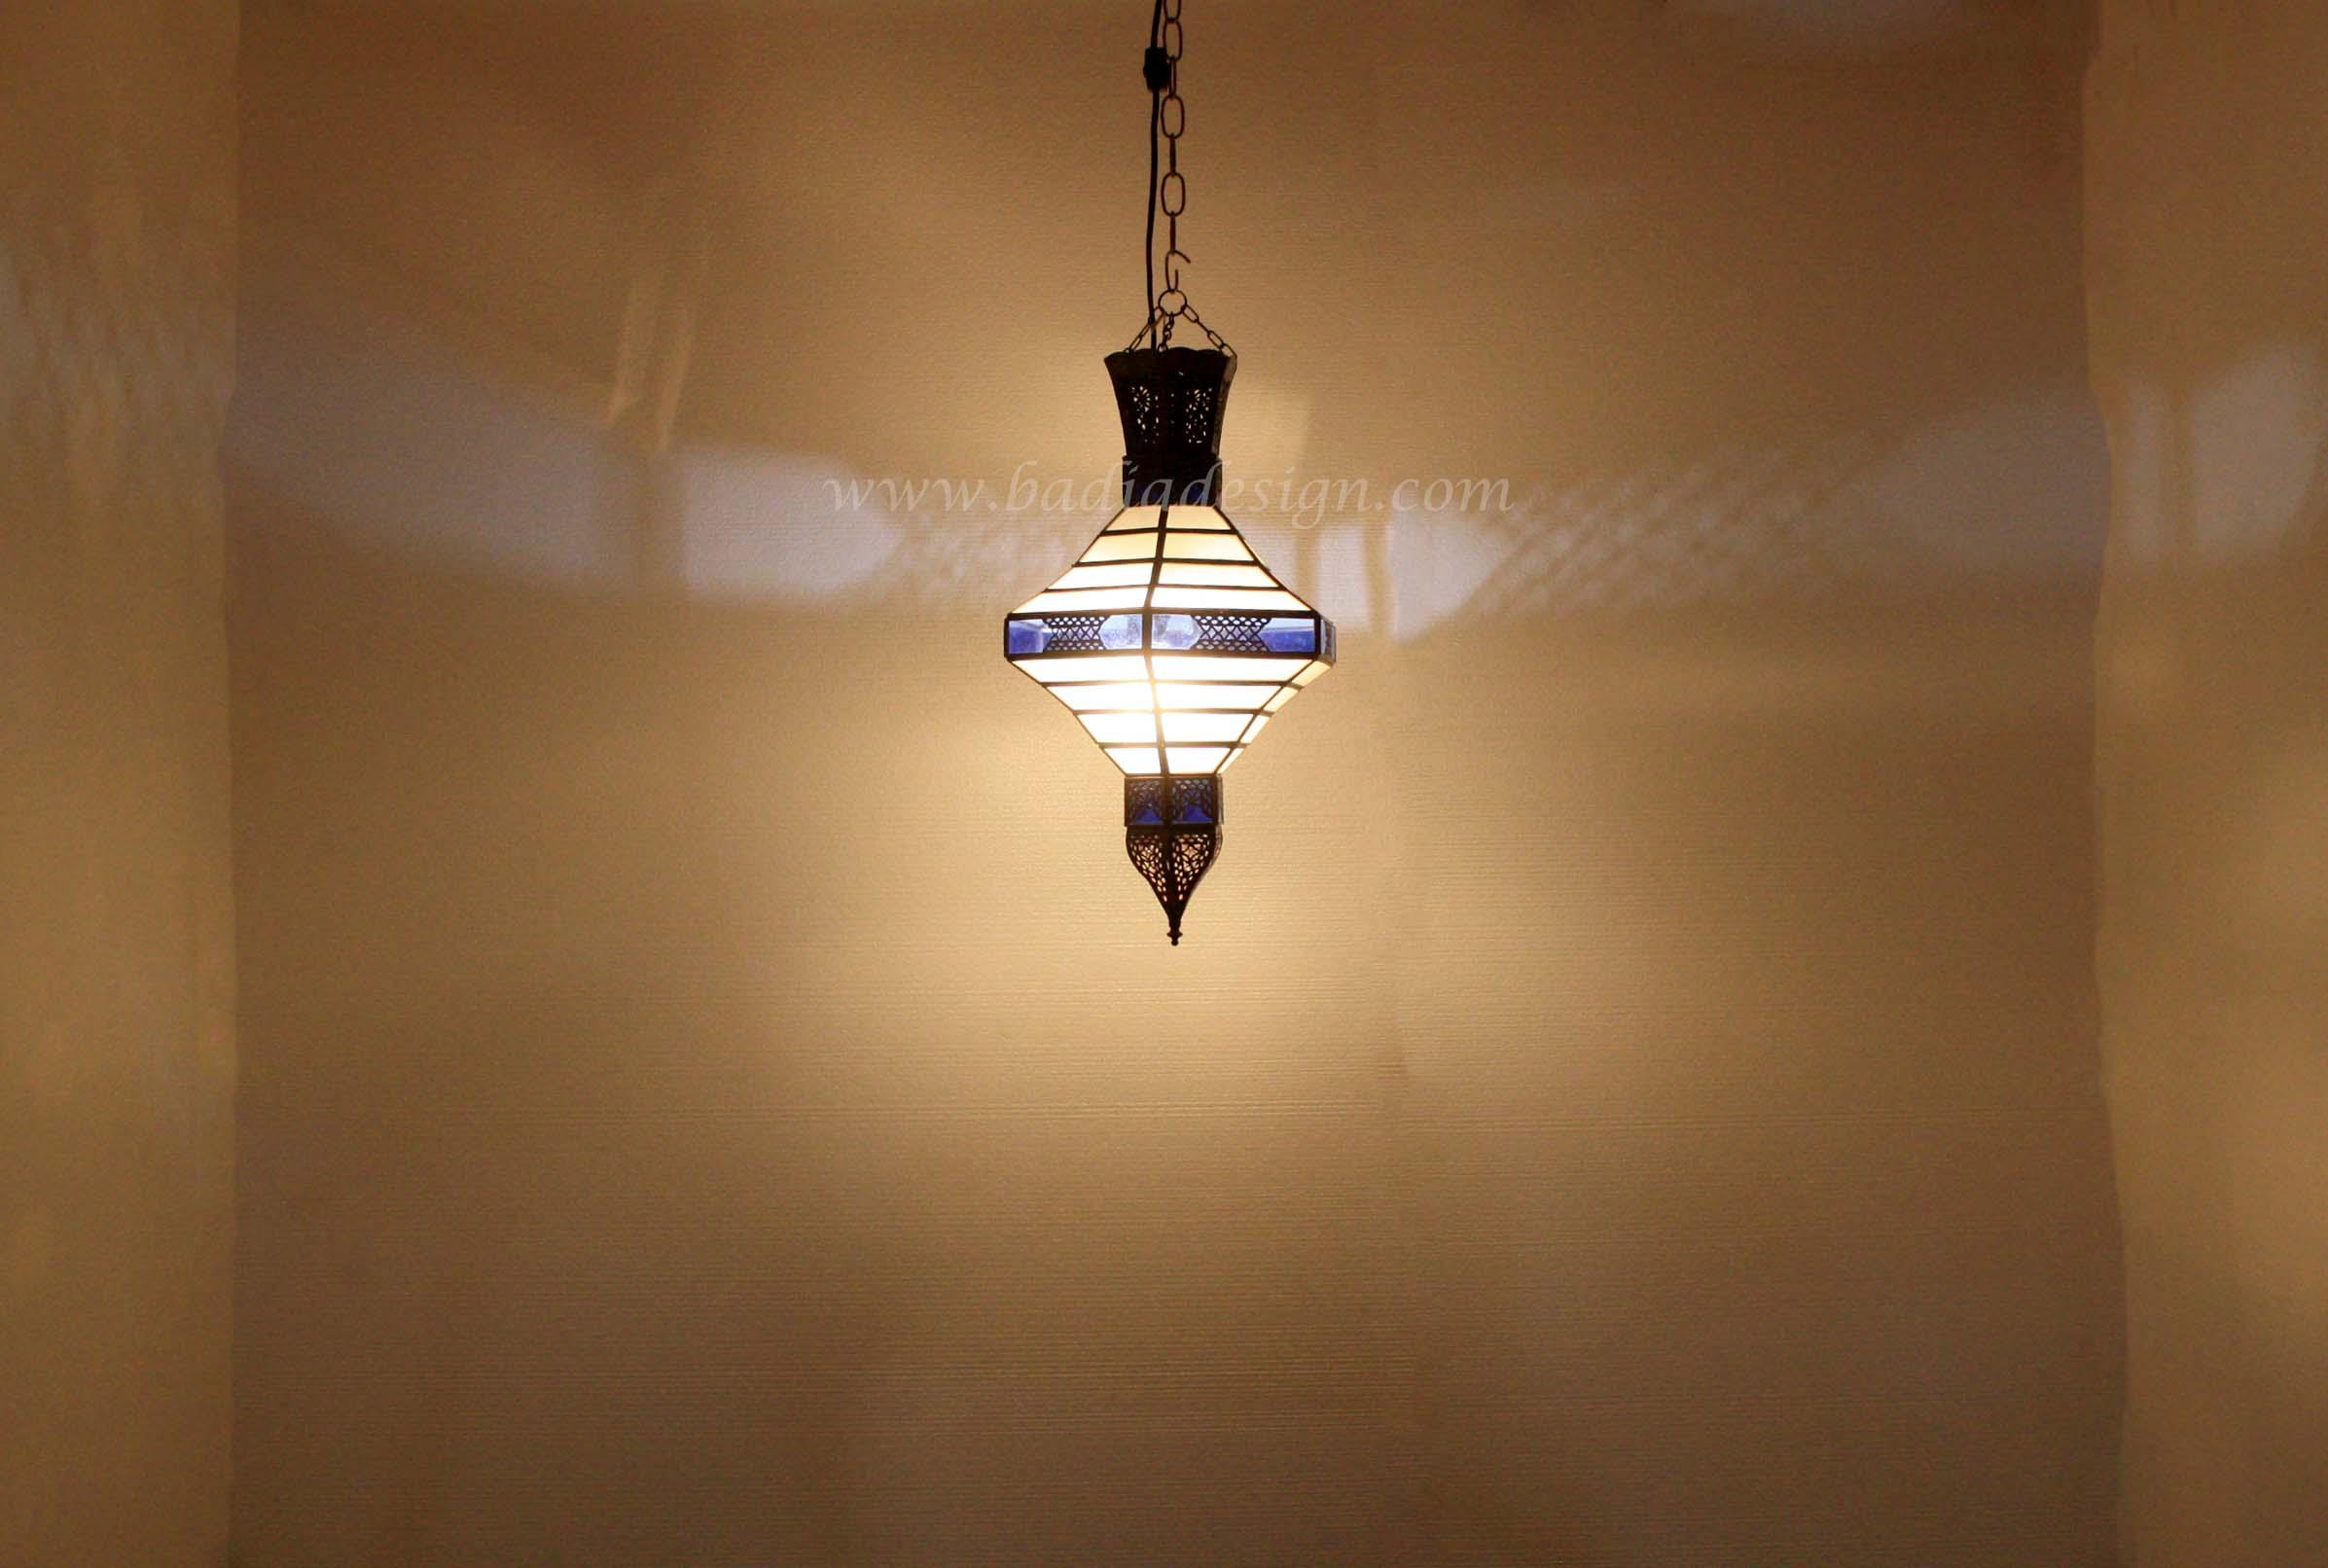 moroccan-soft-white-glass-lantern-lig248-1.jpg